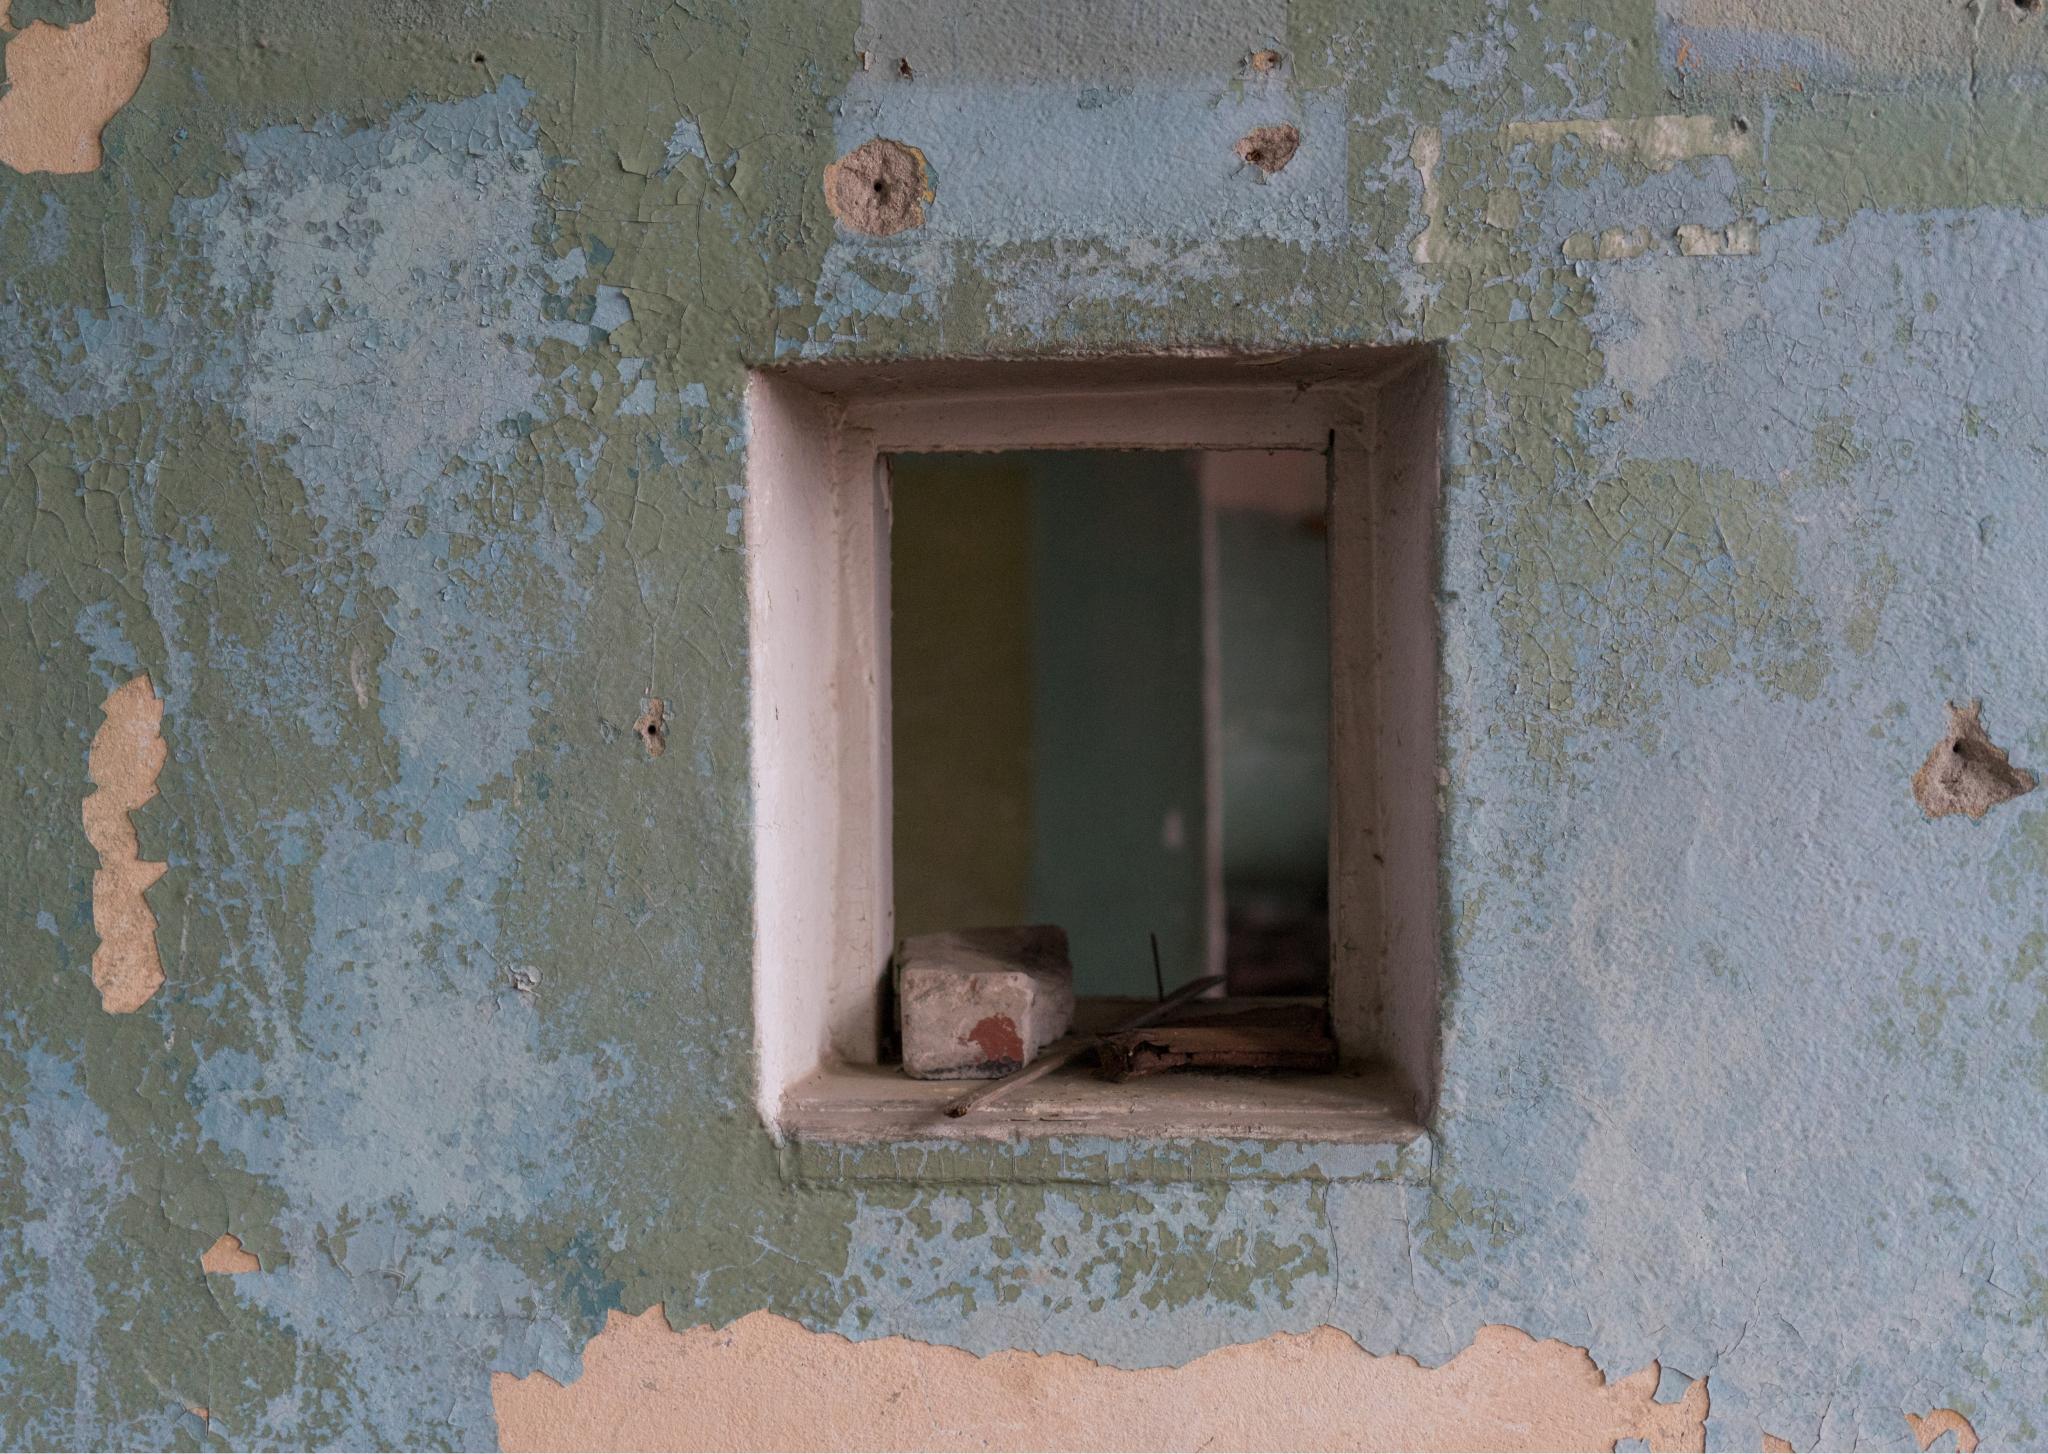 Mujeres que perdieron la guerra: juicios, prisiones, silencios y resistencias